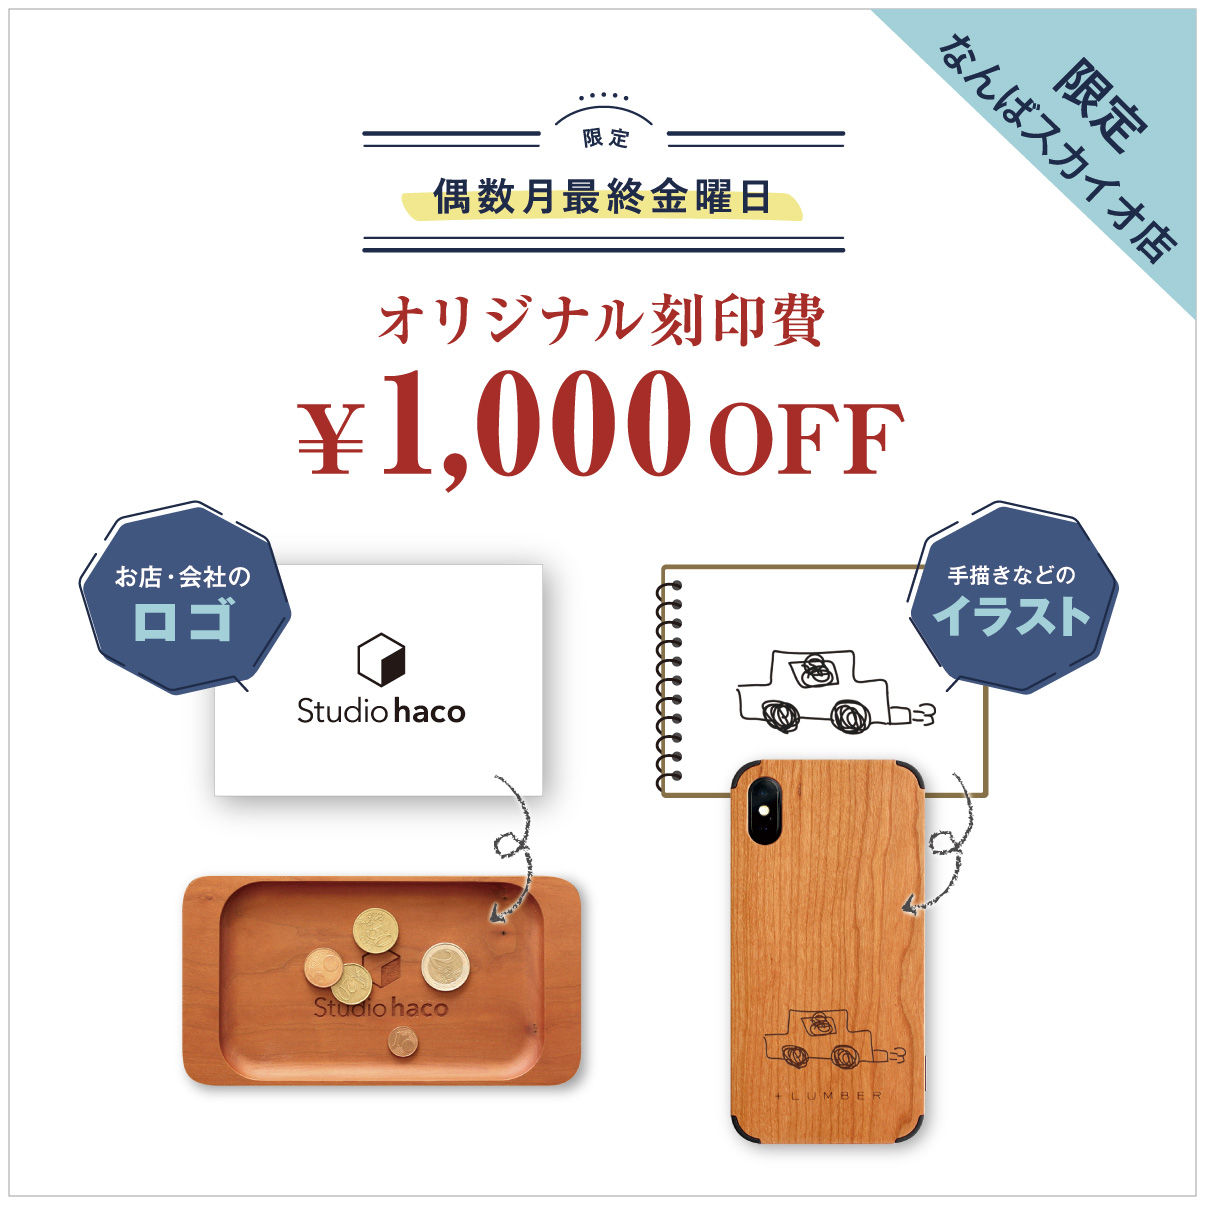 【なんば店】オリジナル刻印費1,000円OFF!